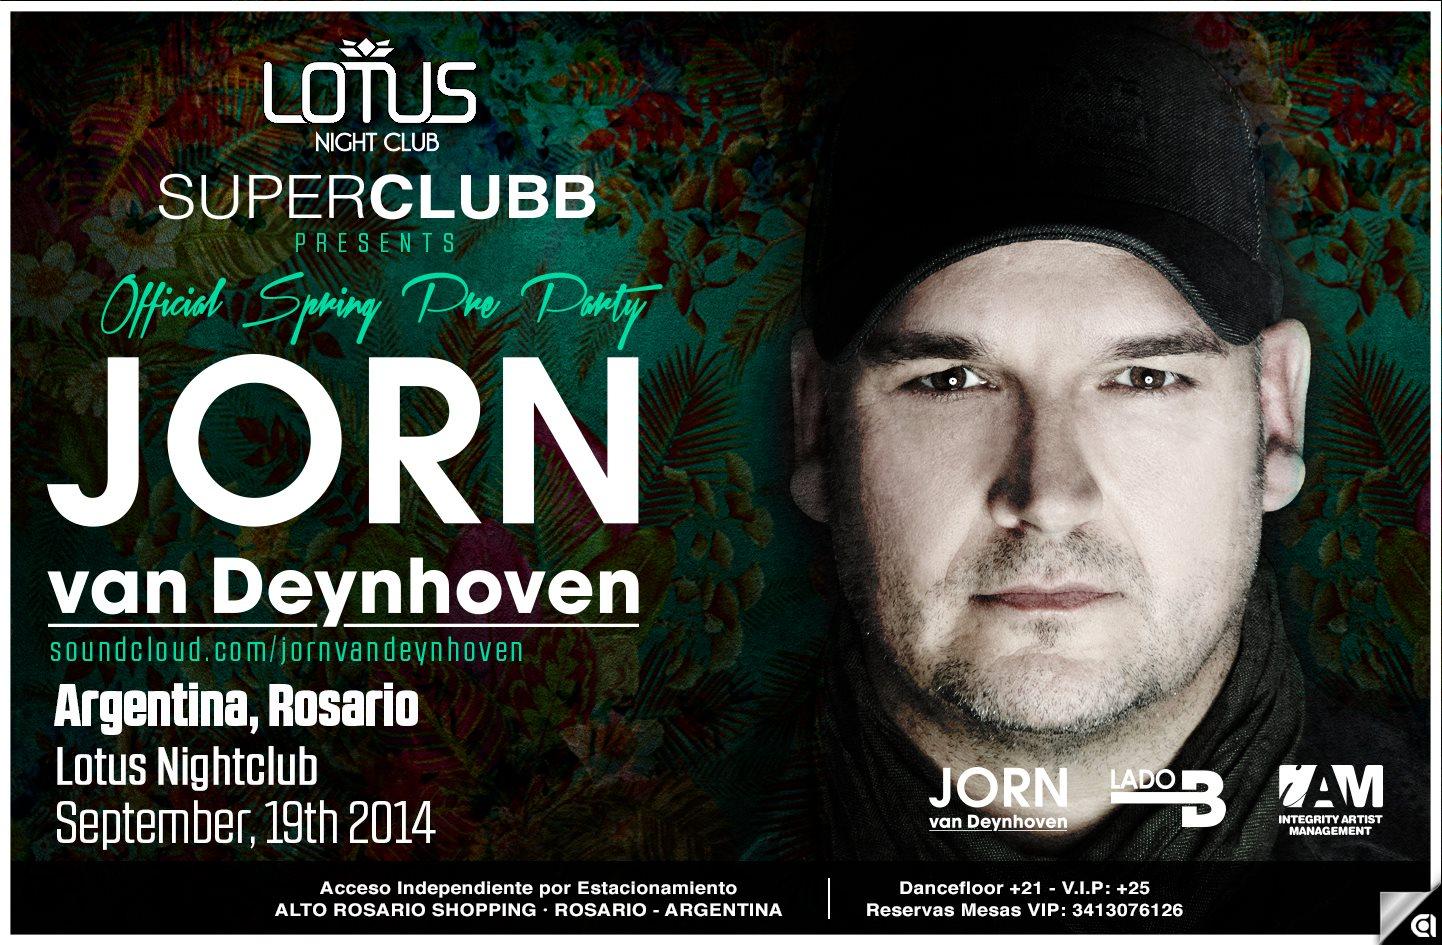 Lotus19.09